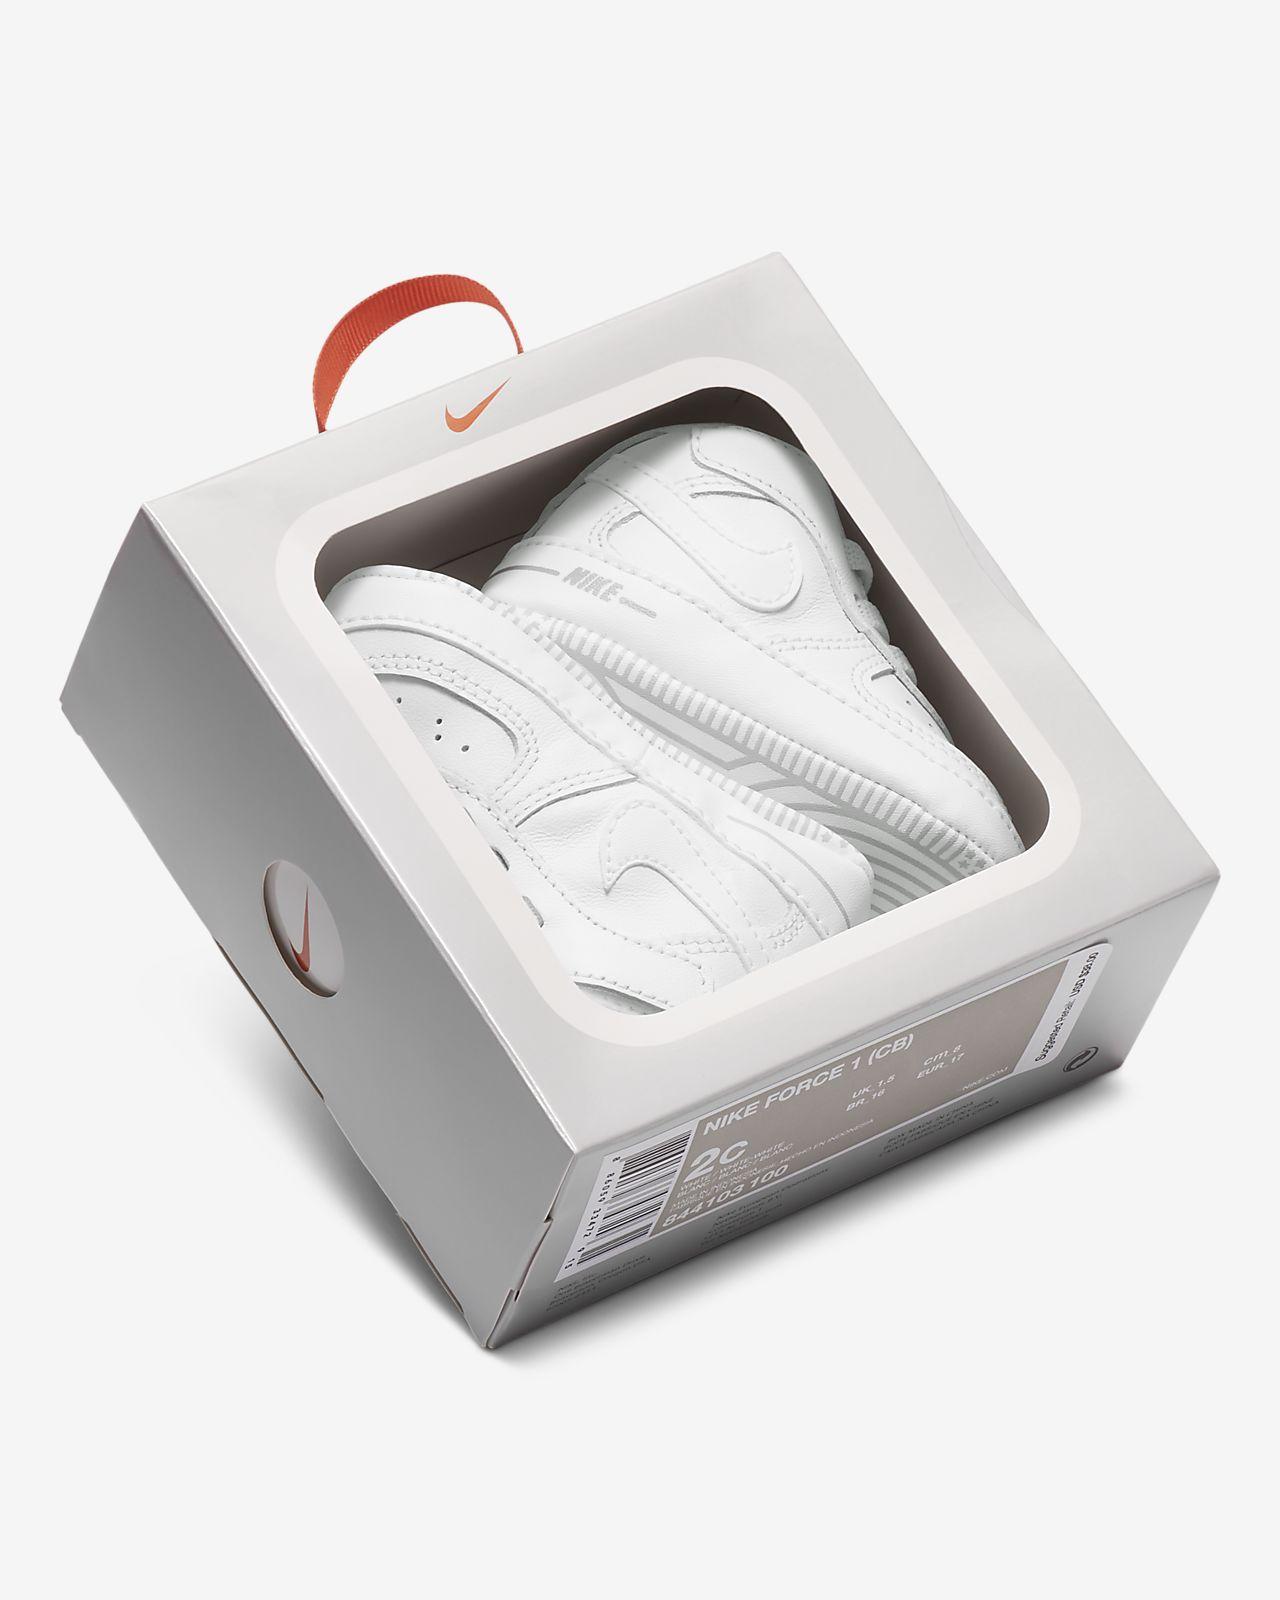 5a10d2be35a6a Chausson Nike Force 1 pour Bébé. Nike.com FR